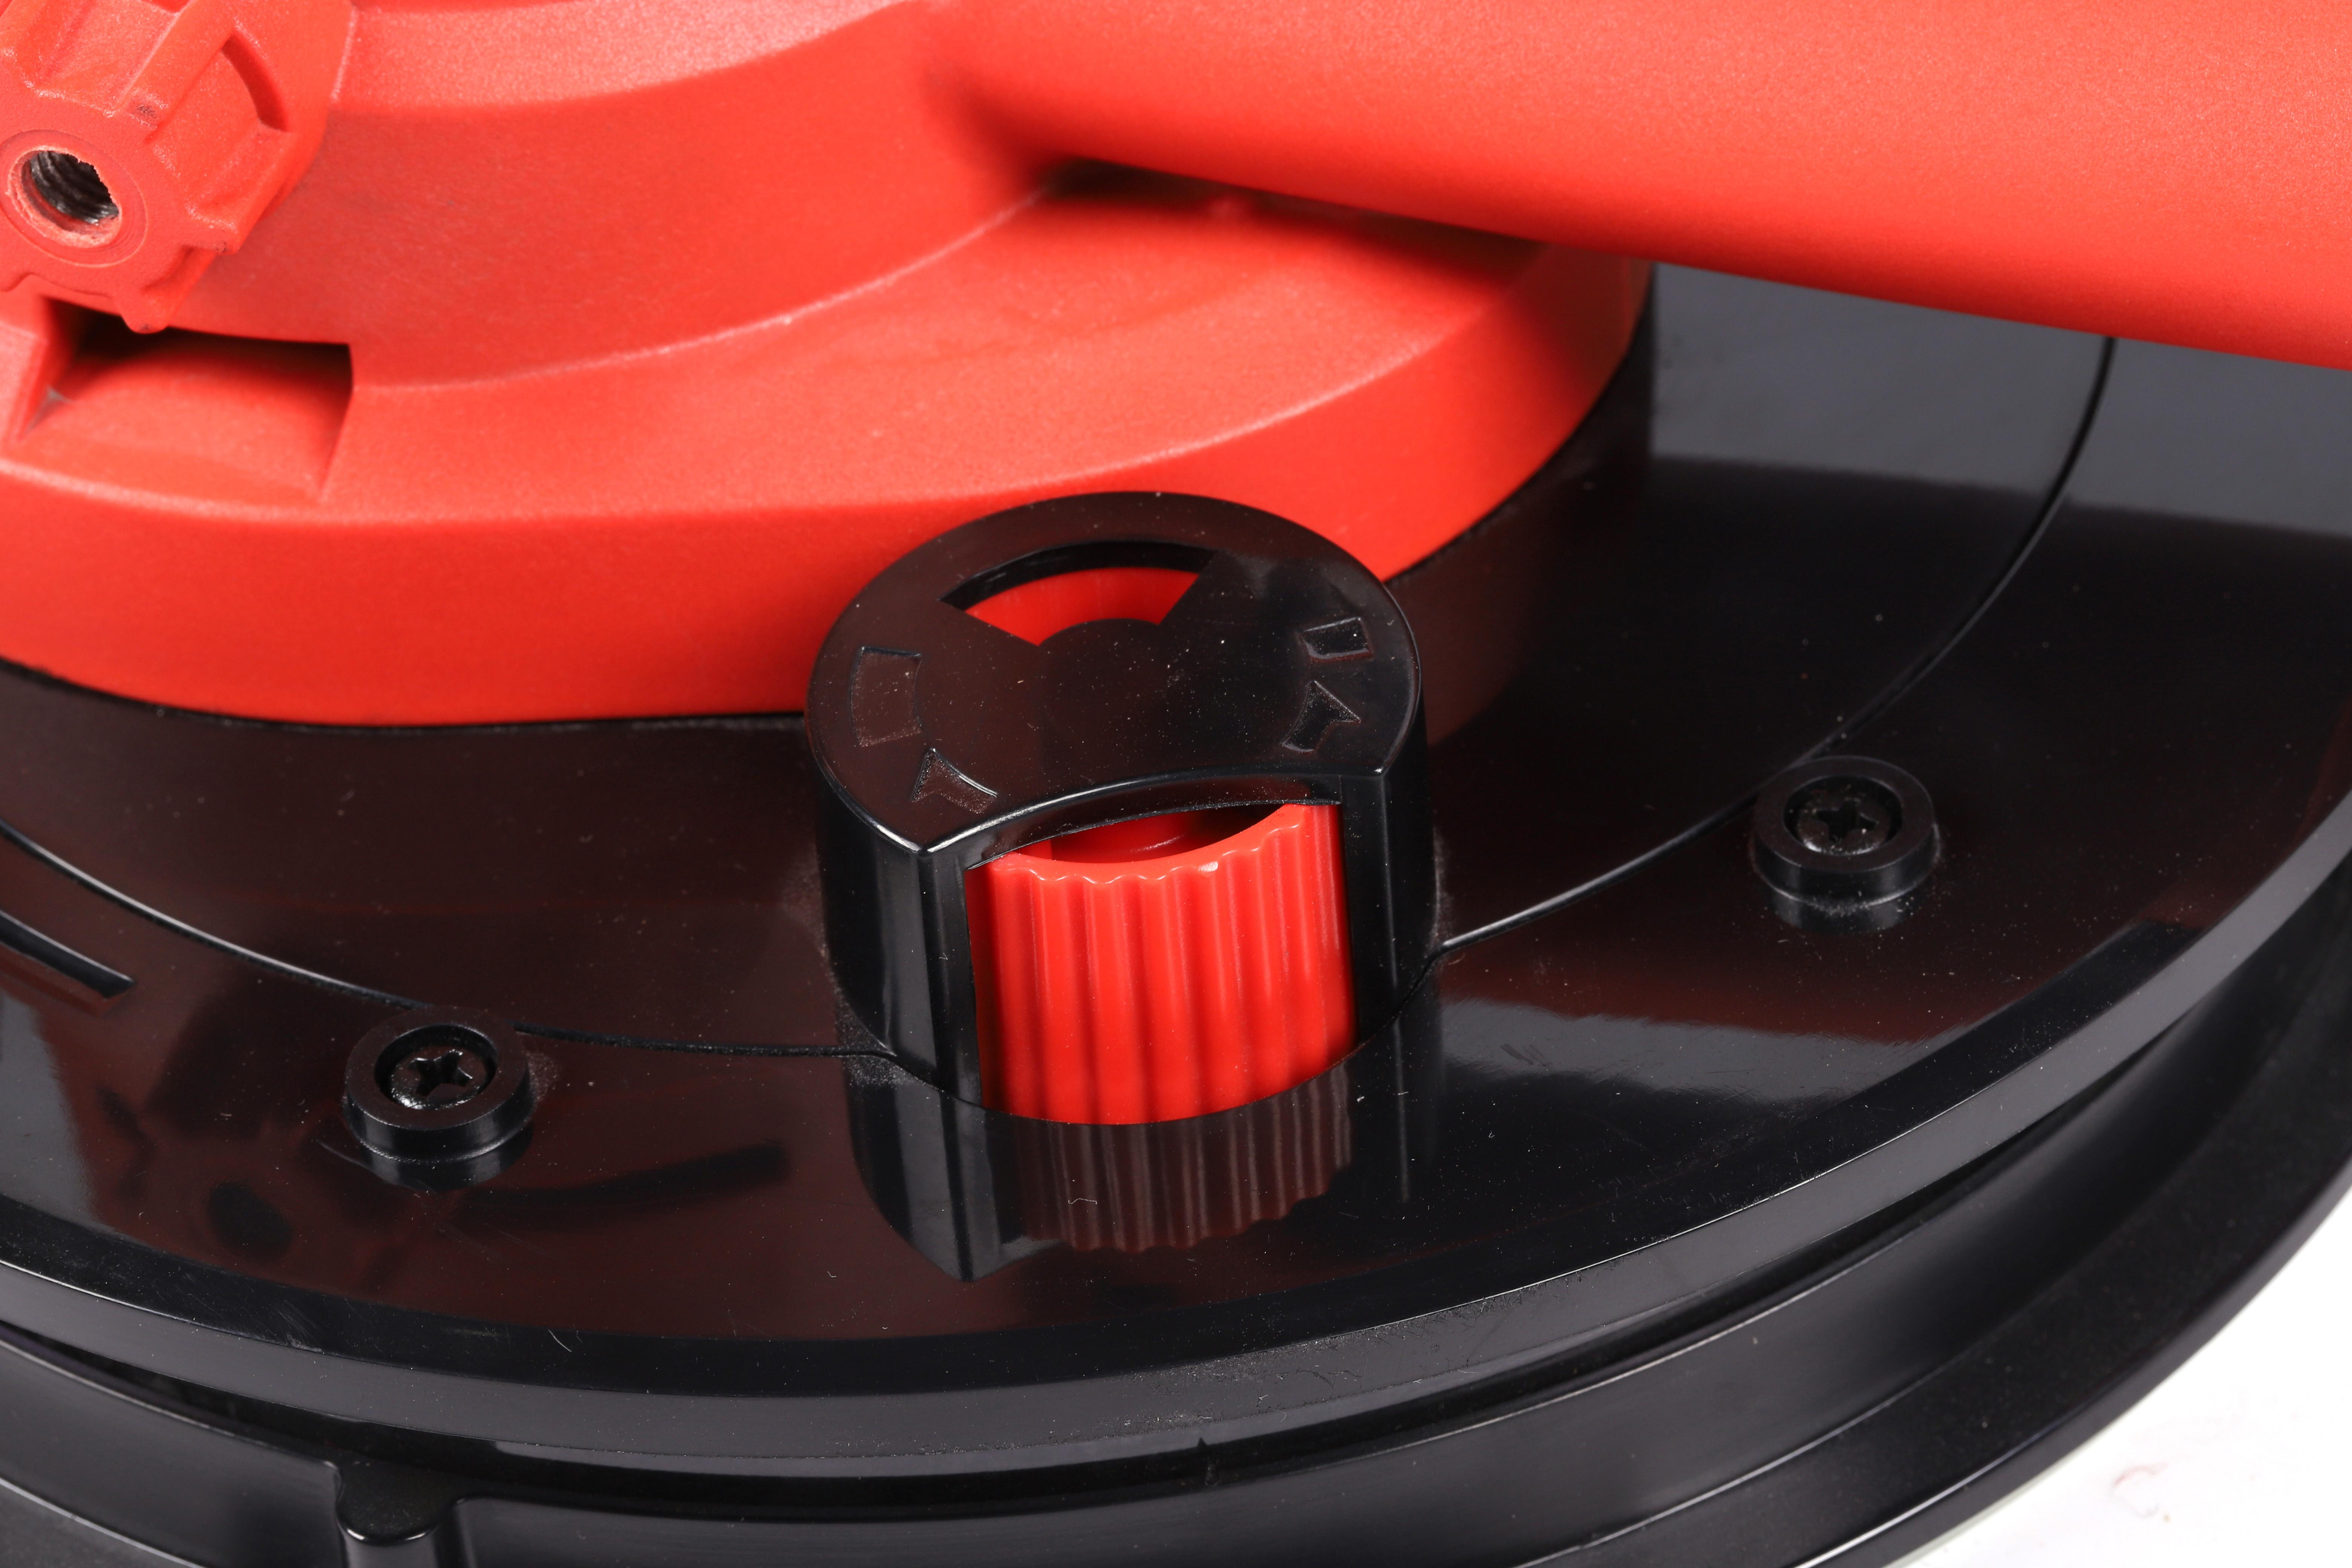 800 Вт 190 мм шлифовальный диск, горячая электрическая шлифовальная машина для гипсокартона